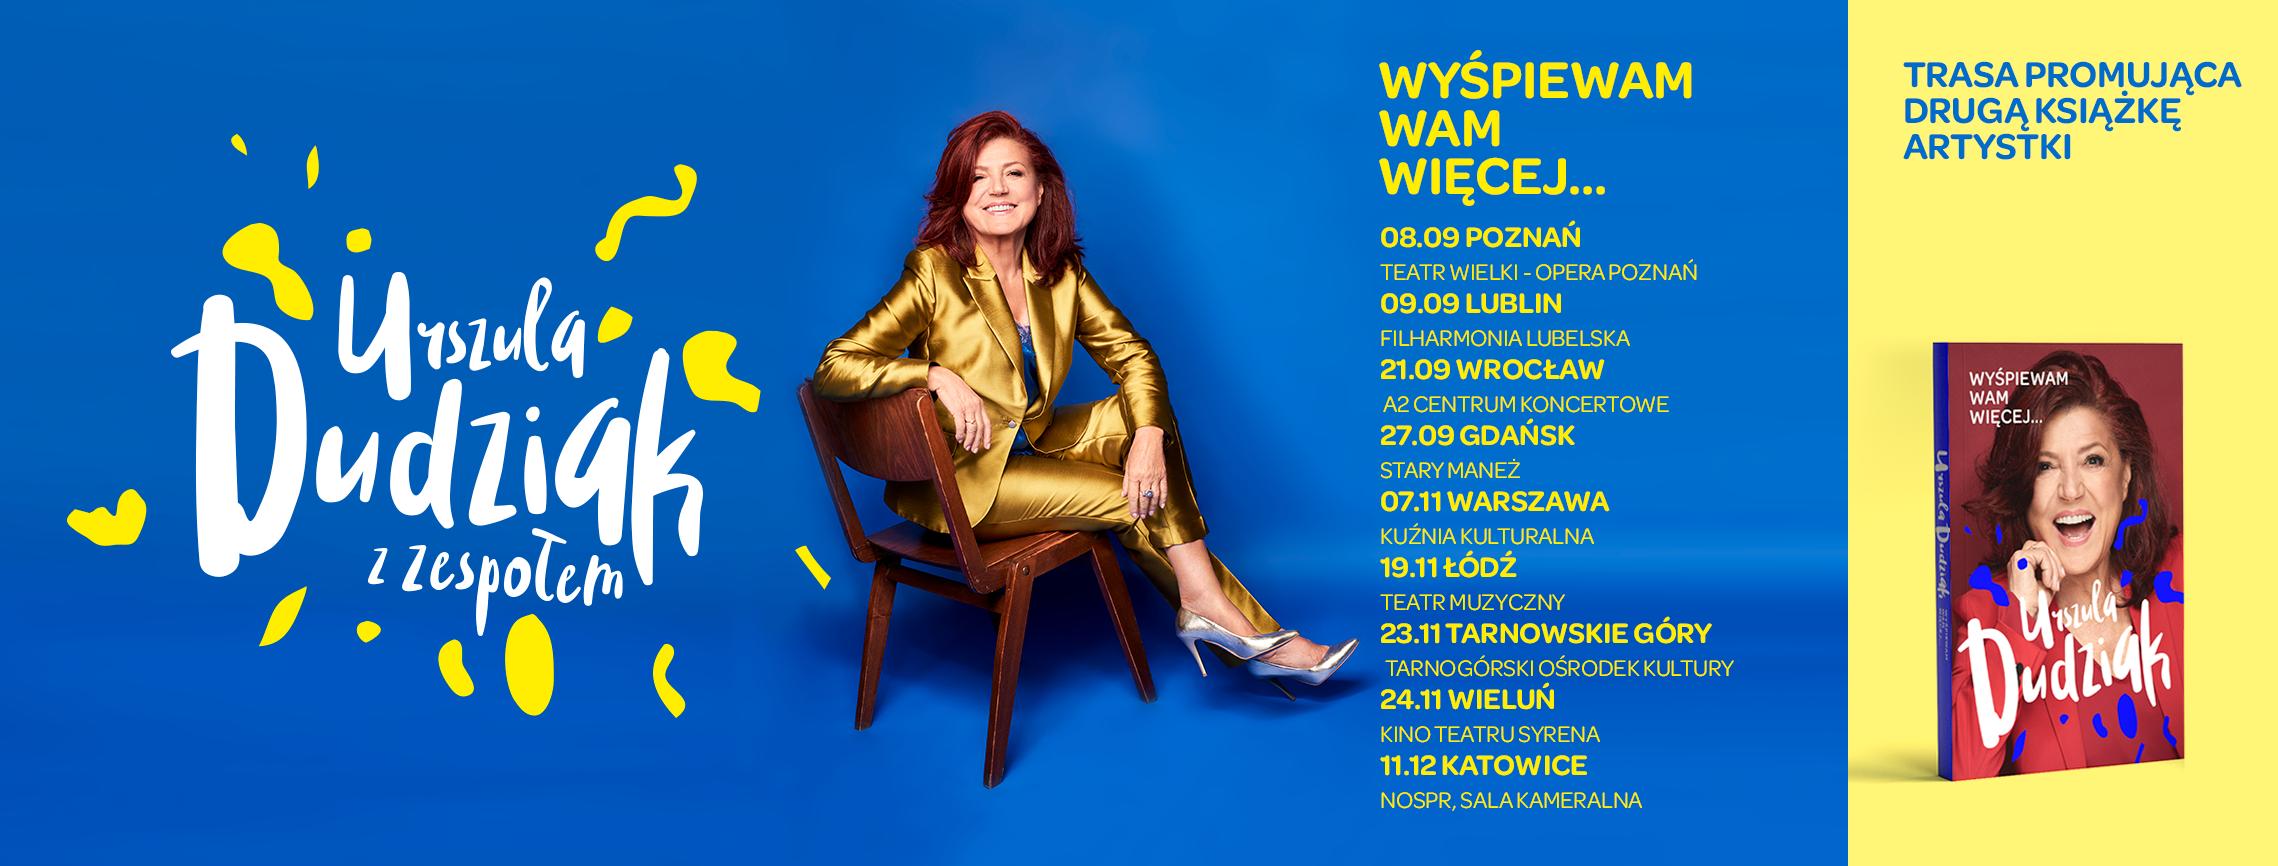 Urszula Dudziak rusza w Polskę. Będzie nie tylko śpiewać, ale i dużo opowiadać!